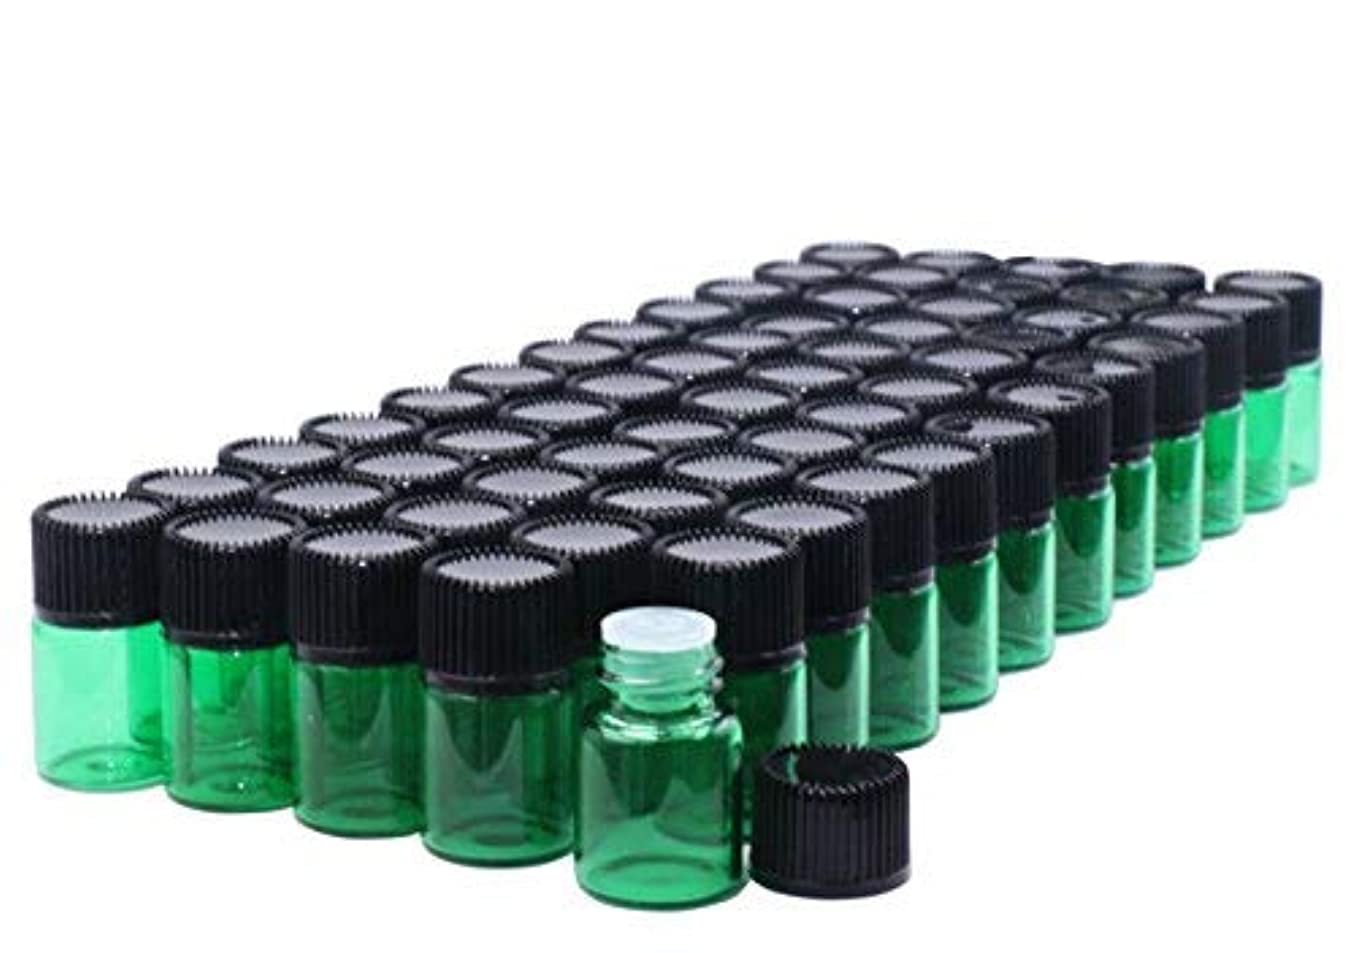 デクリメント砂の人形Pack of 60,2 ml (5/8 Dram) Green Glass Sample Vials Empty Small glass essential oil sampling Test Bottles with...